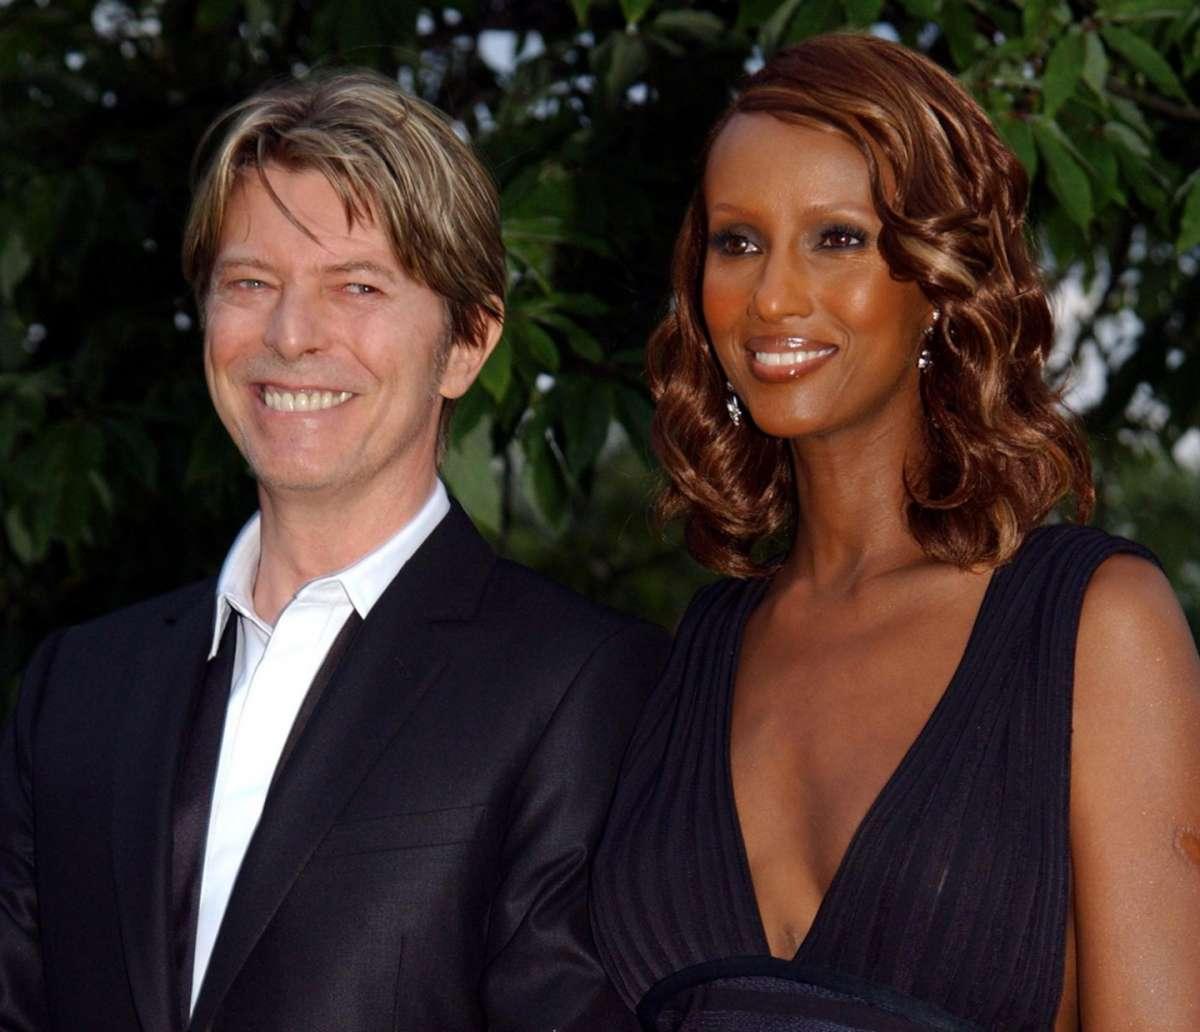 David Bowie: i suoi flirt, le donne e le muse dell'icona scomparsa del rock mondiale [FOTO]